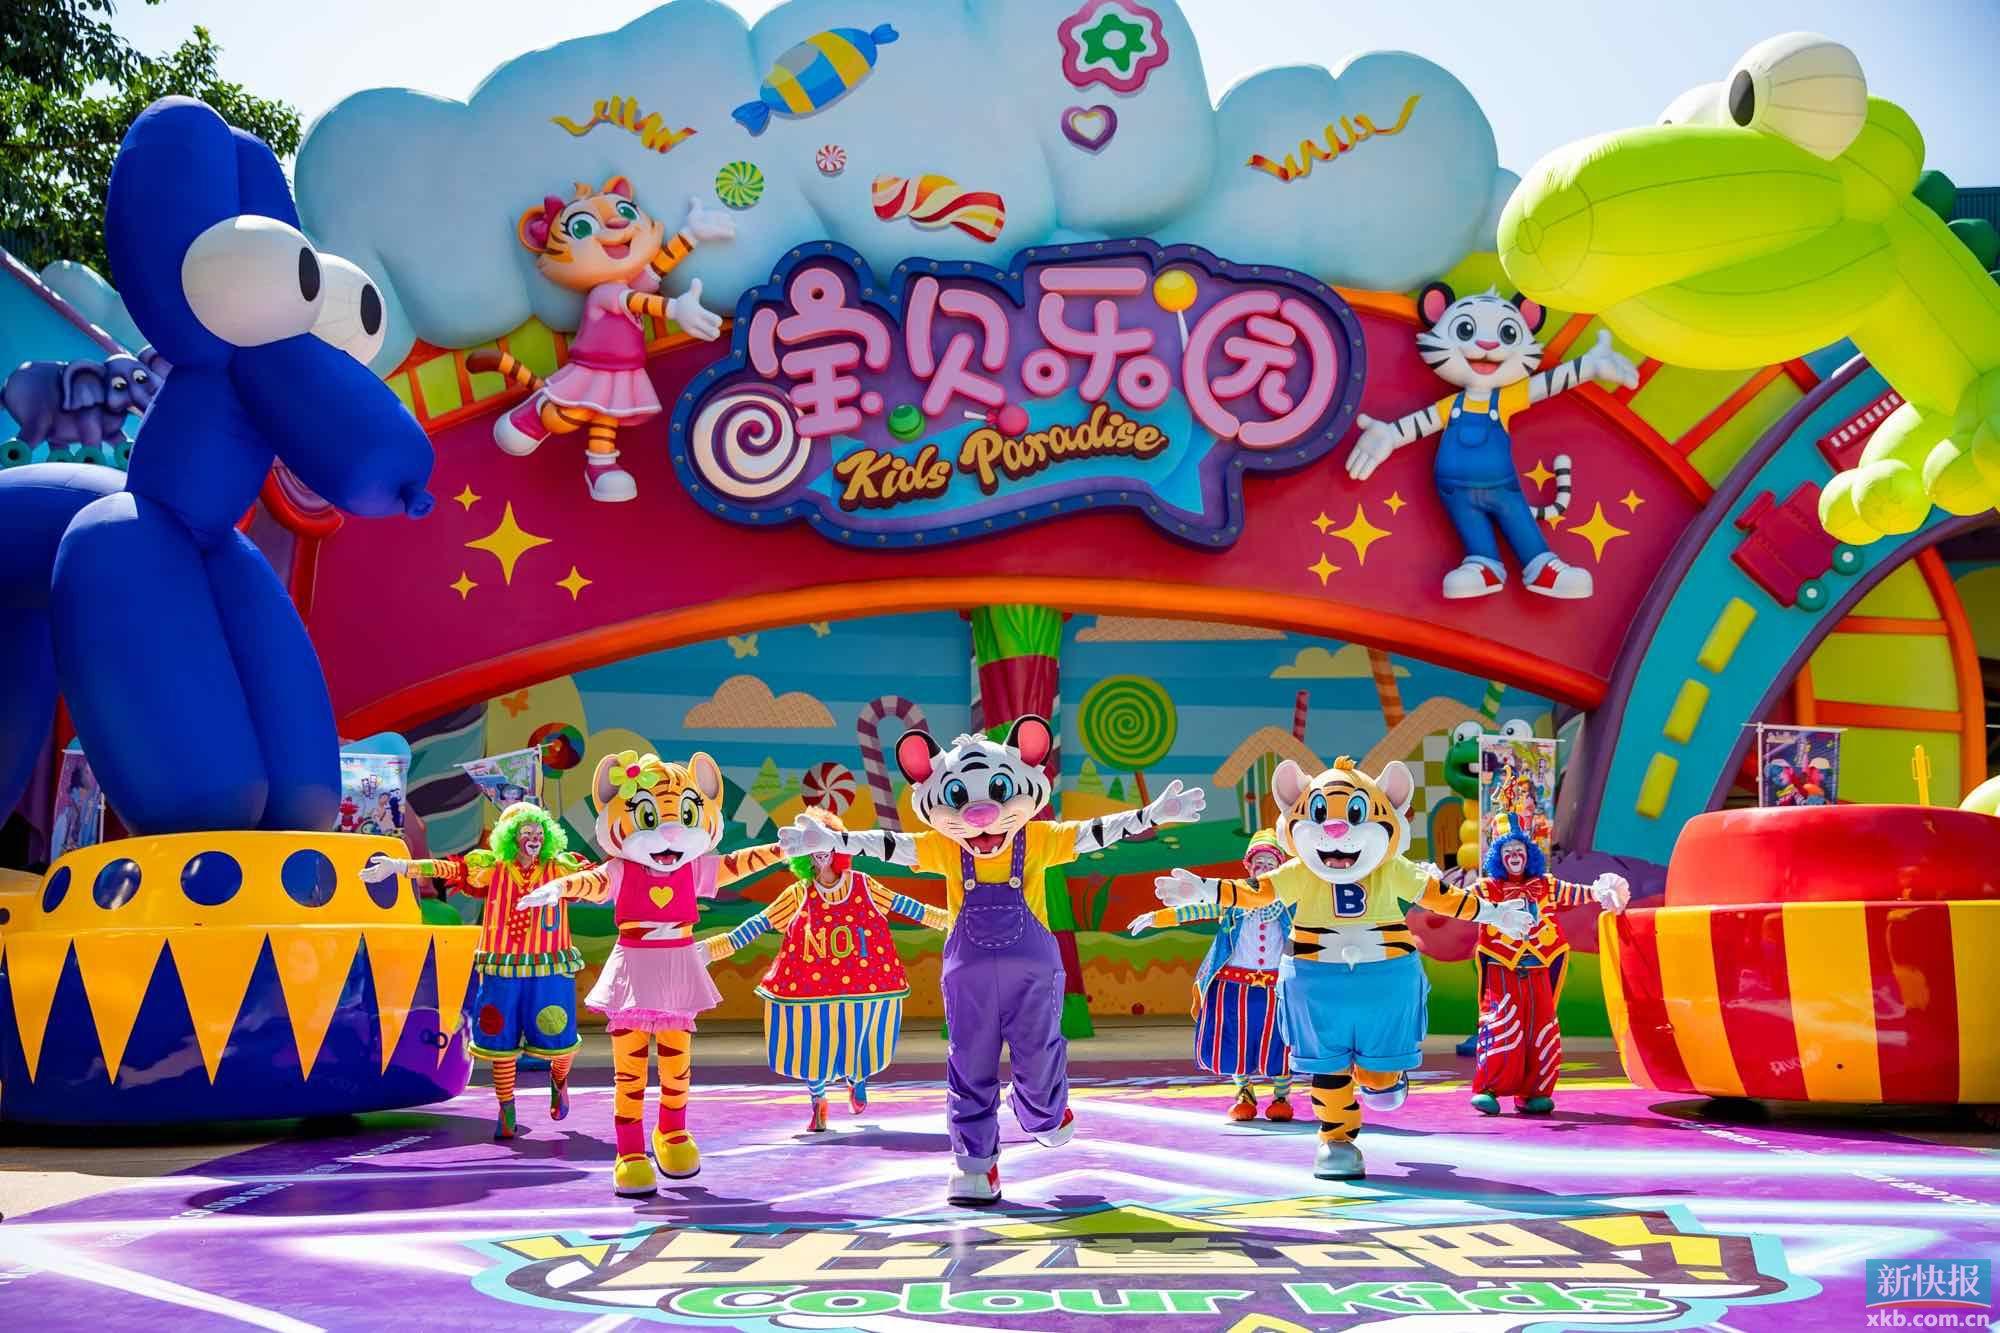 暑期家门口遛娃新玩法,从宝贝乐园到马戏小镇、曲奇工厂、时间城堡……